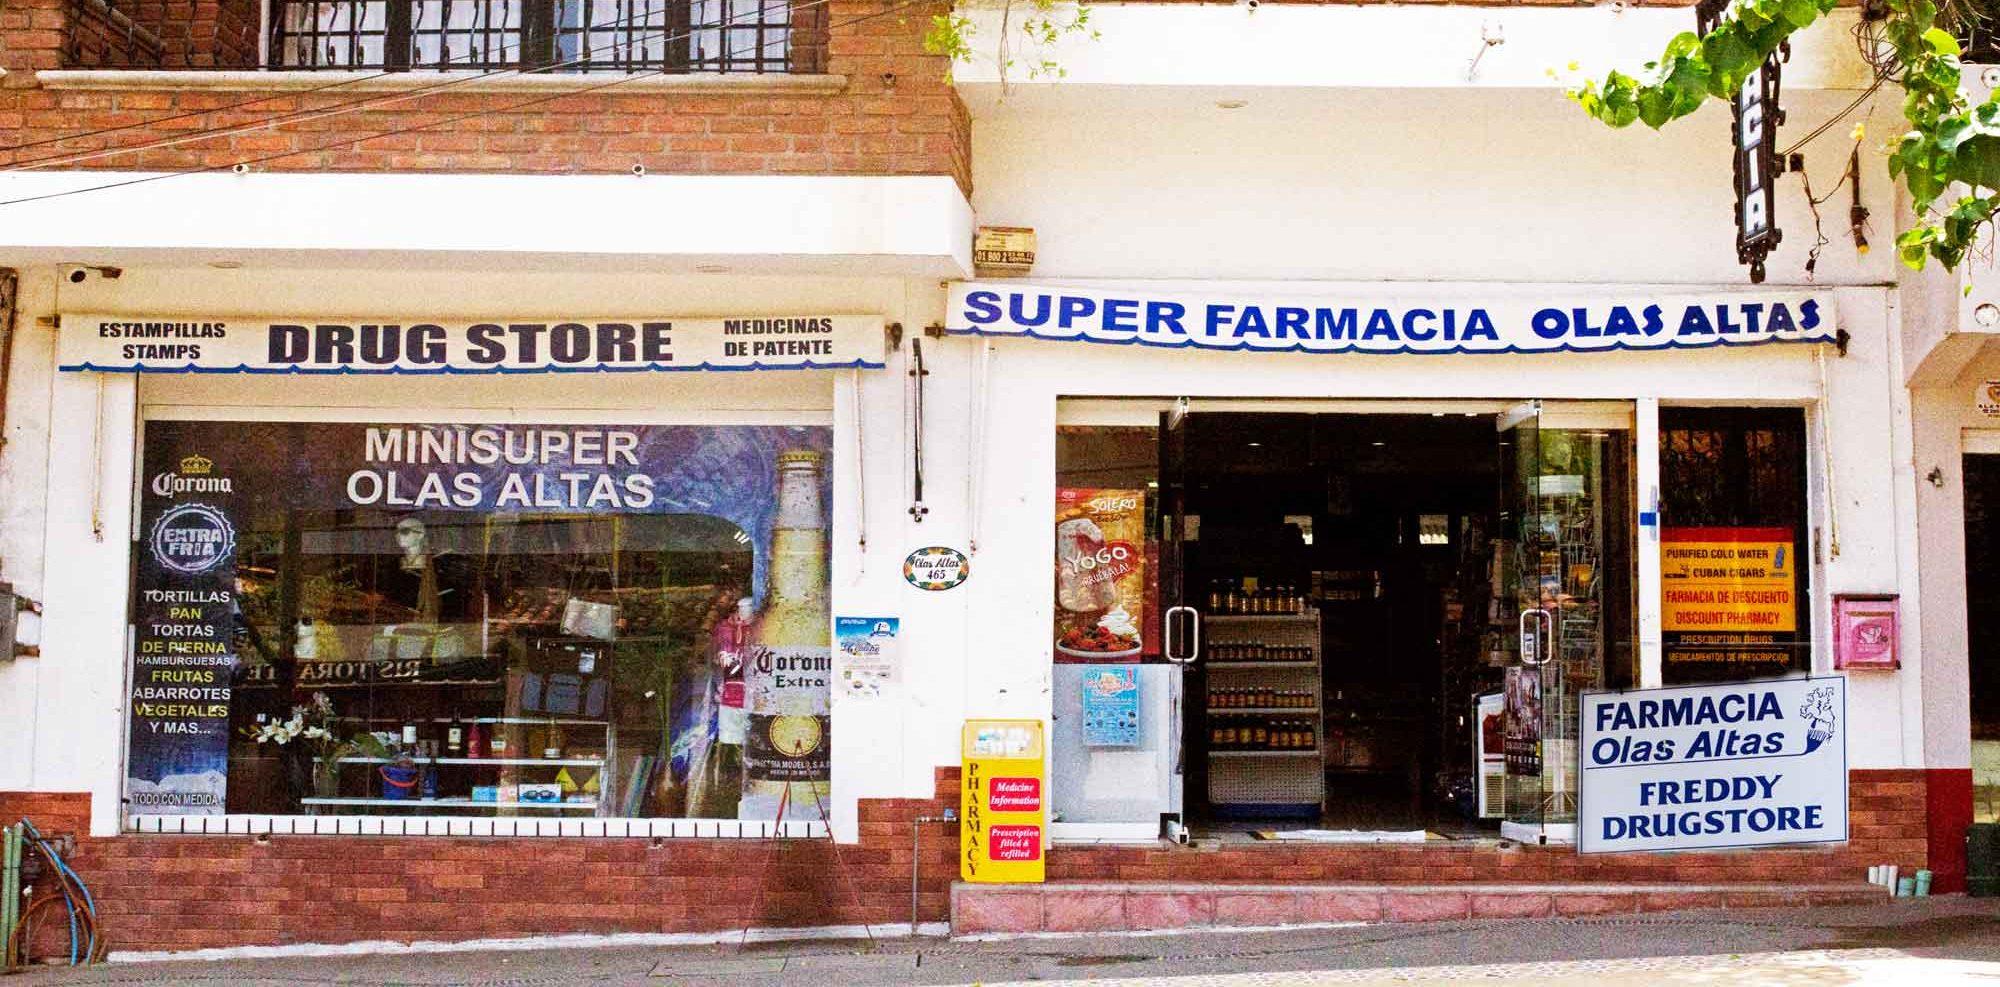 Farmacia Olas altas